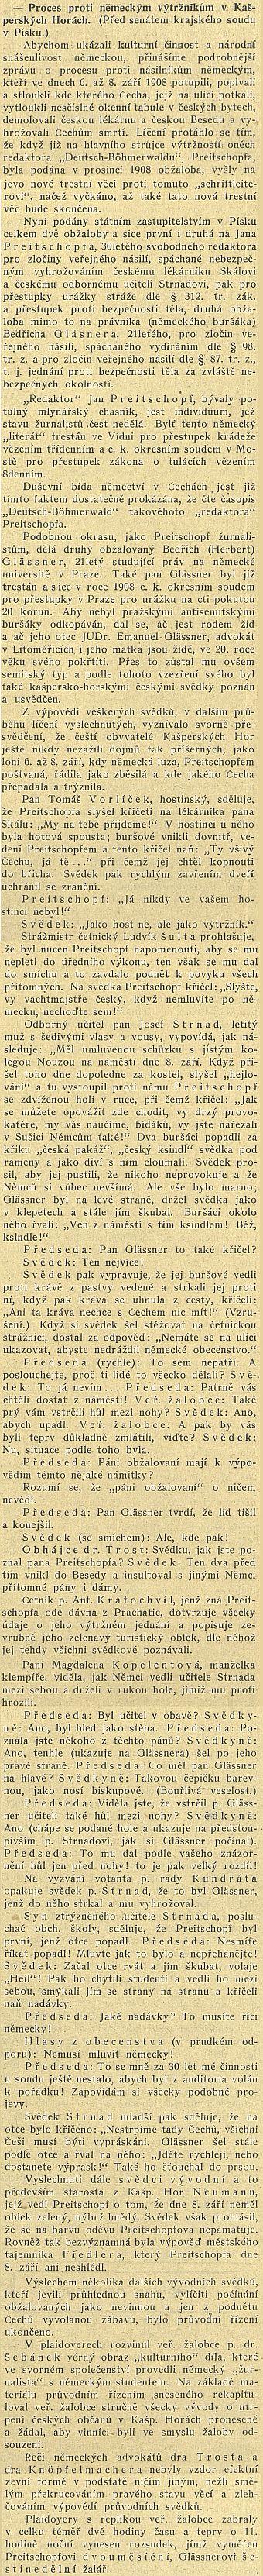 Obsáhlý referát v českém tisku o jeho odsouzení za výtržnosti na protičeských demonstracích v Kašperských Horách